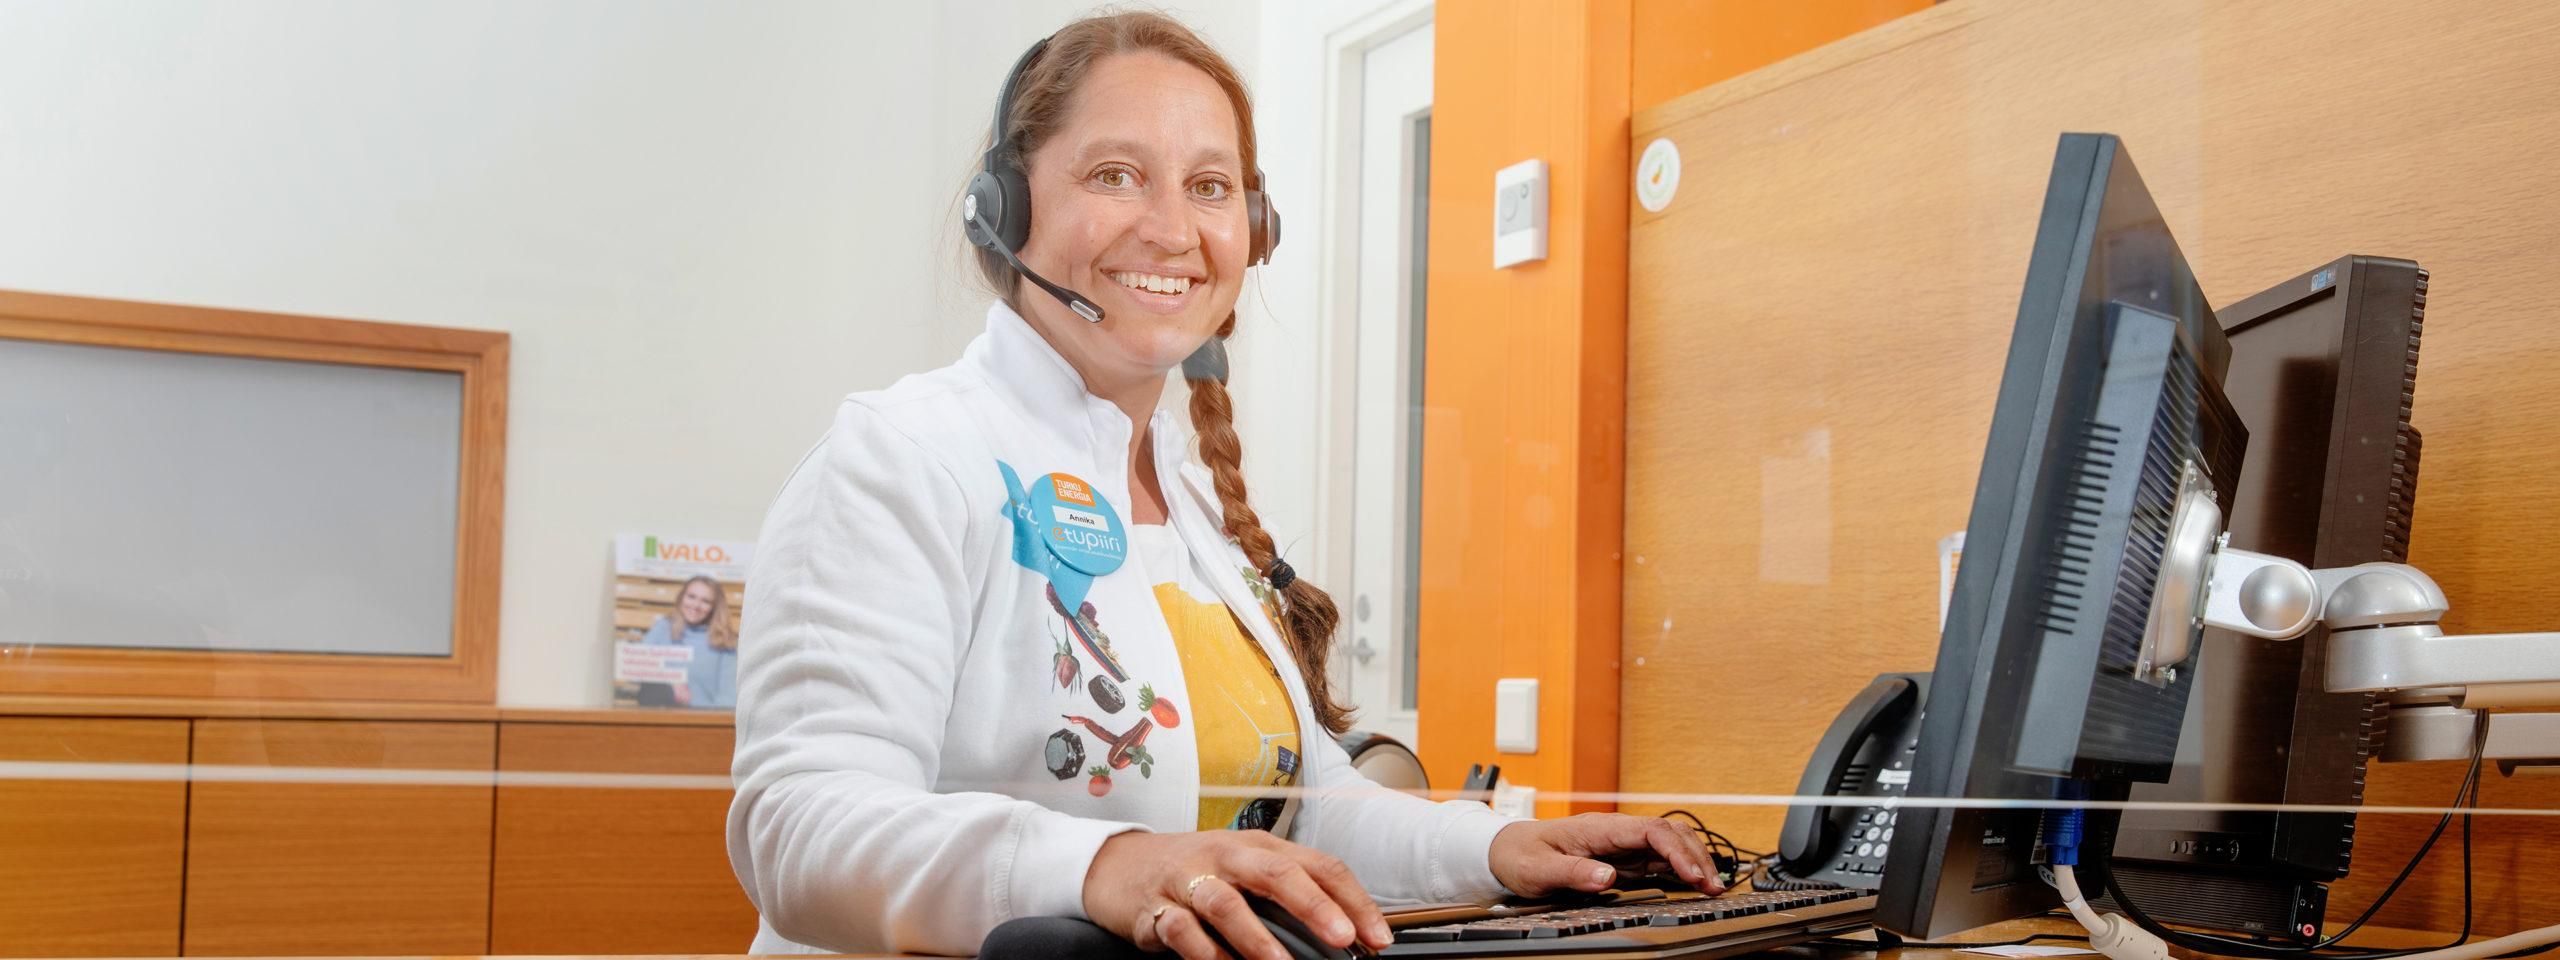 Turku Energian asiakaspalvelija hymyilee tietokoneen äärellä.